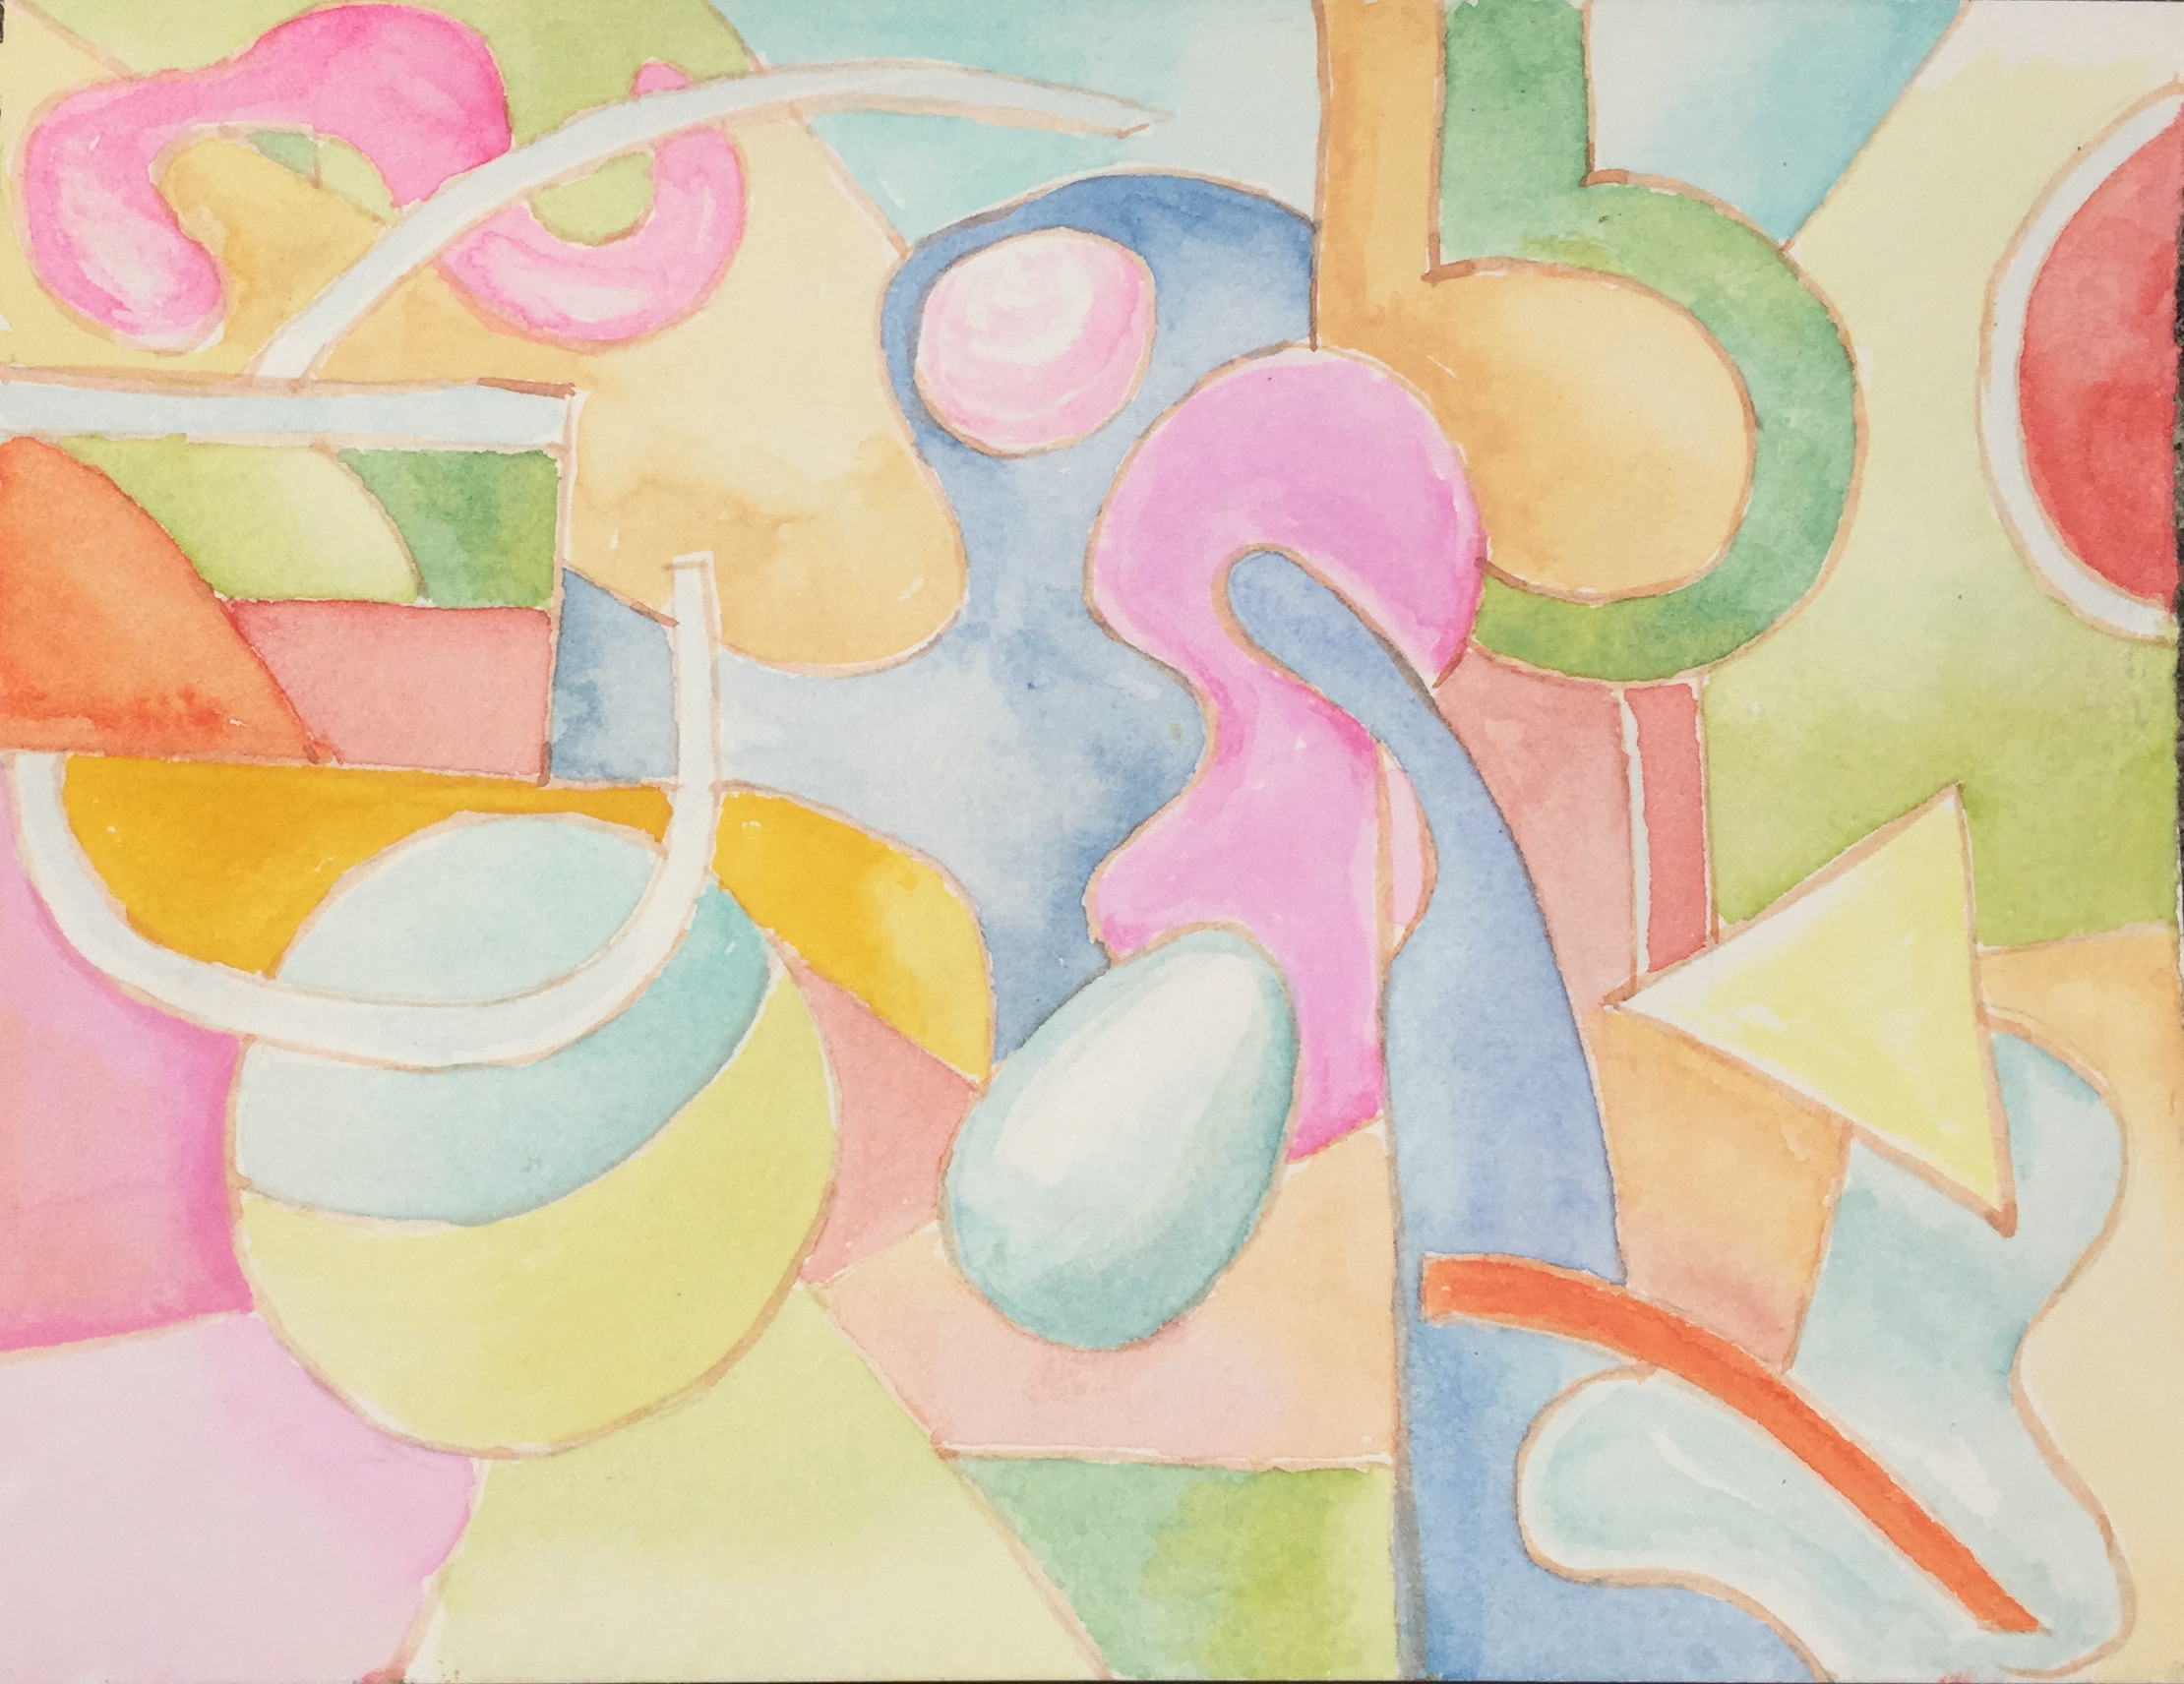 watercolor 9